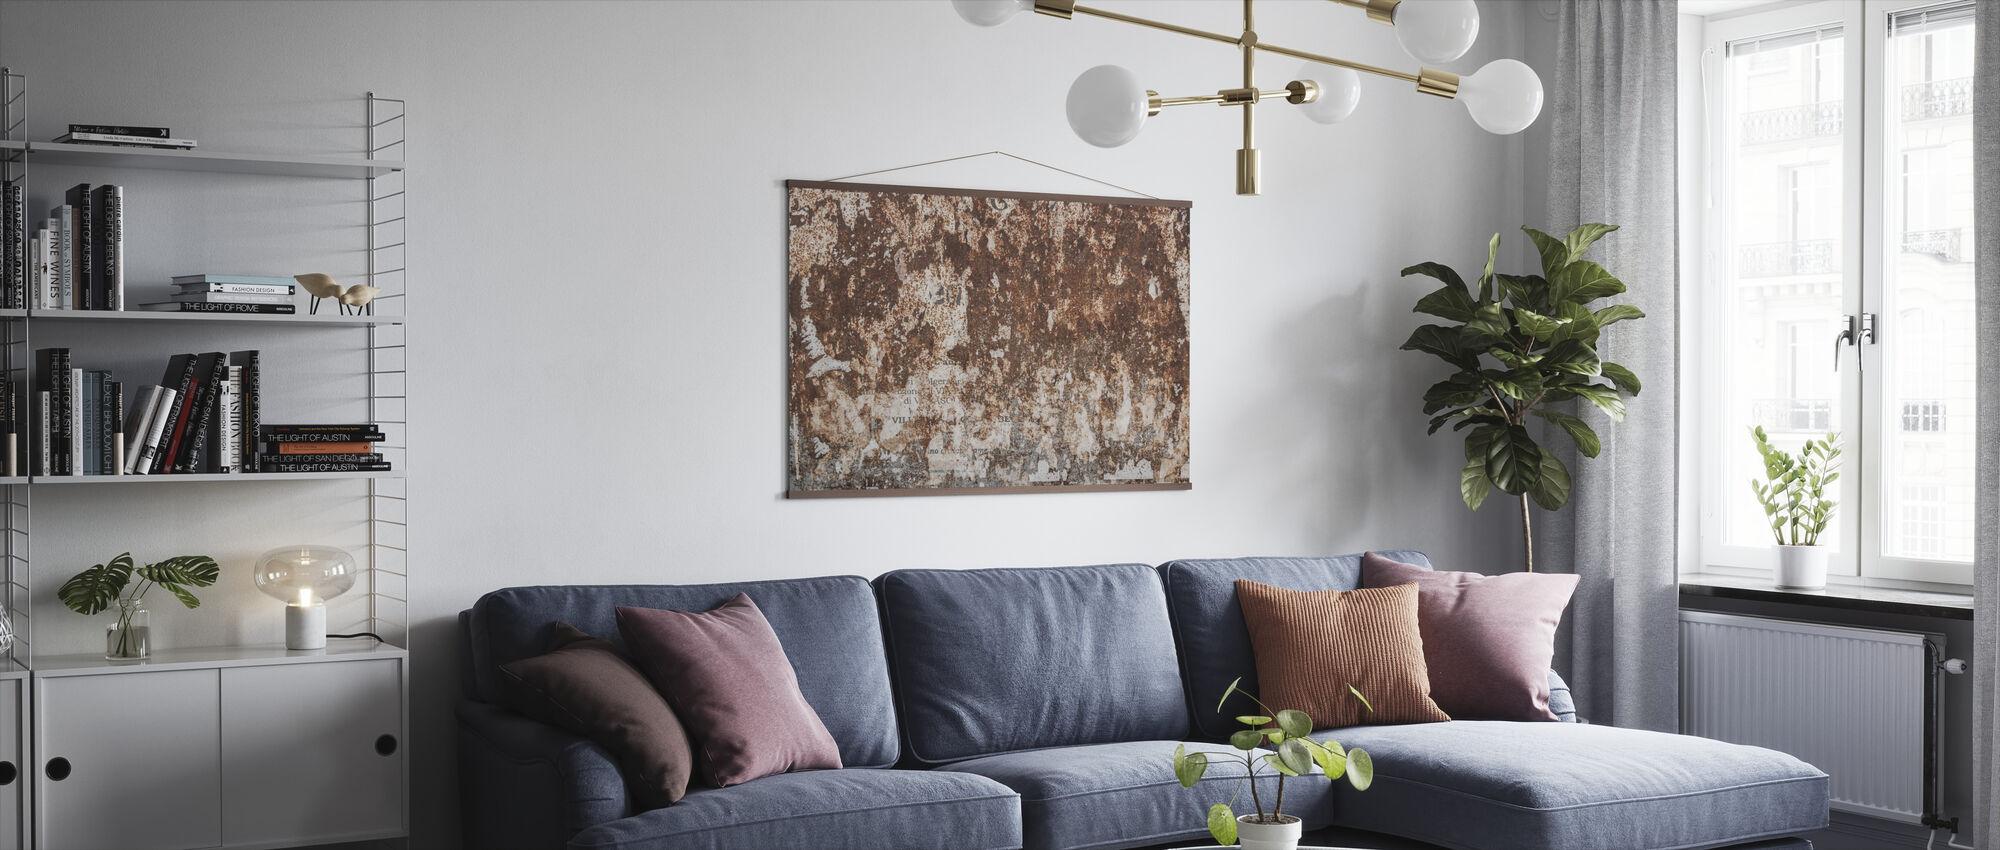 Roestige muur - Poster - Woonkamer